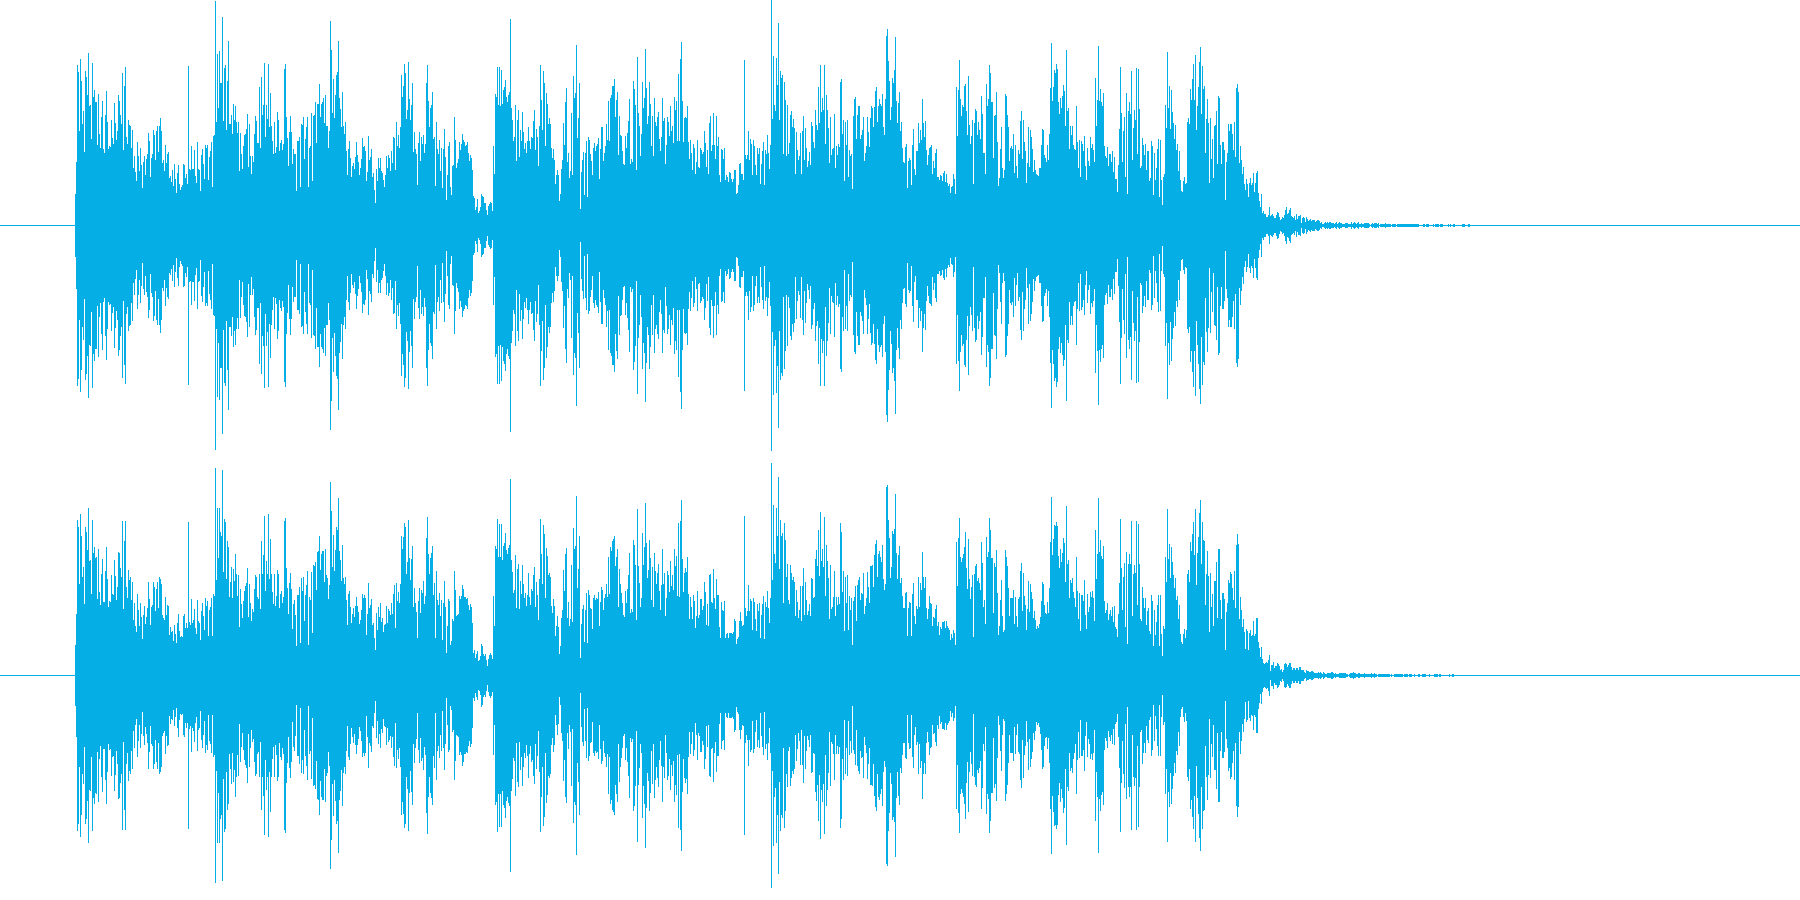 ヒップホップのサウンド風なジングルの再生済みの波形